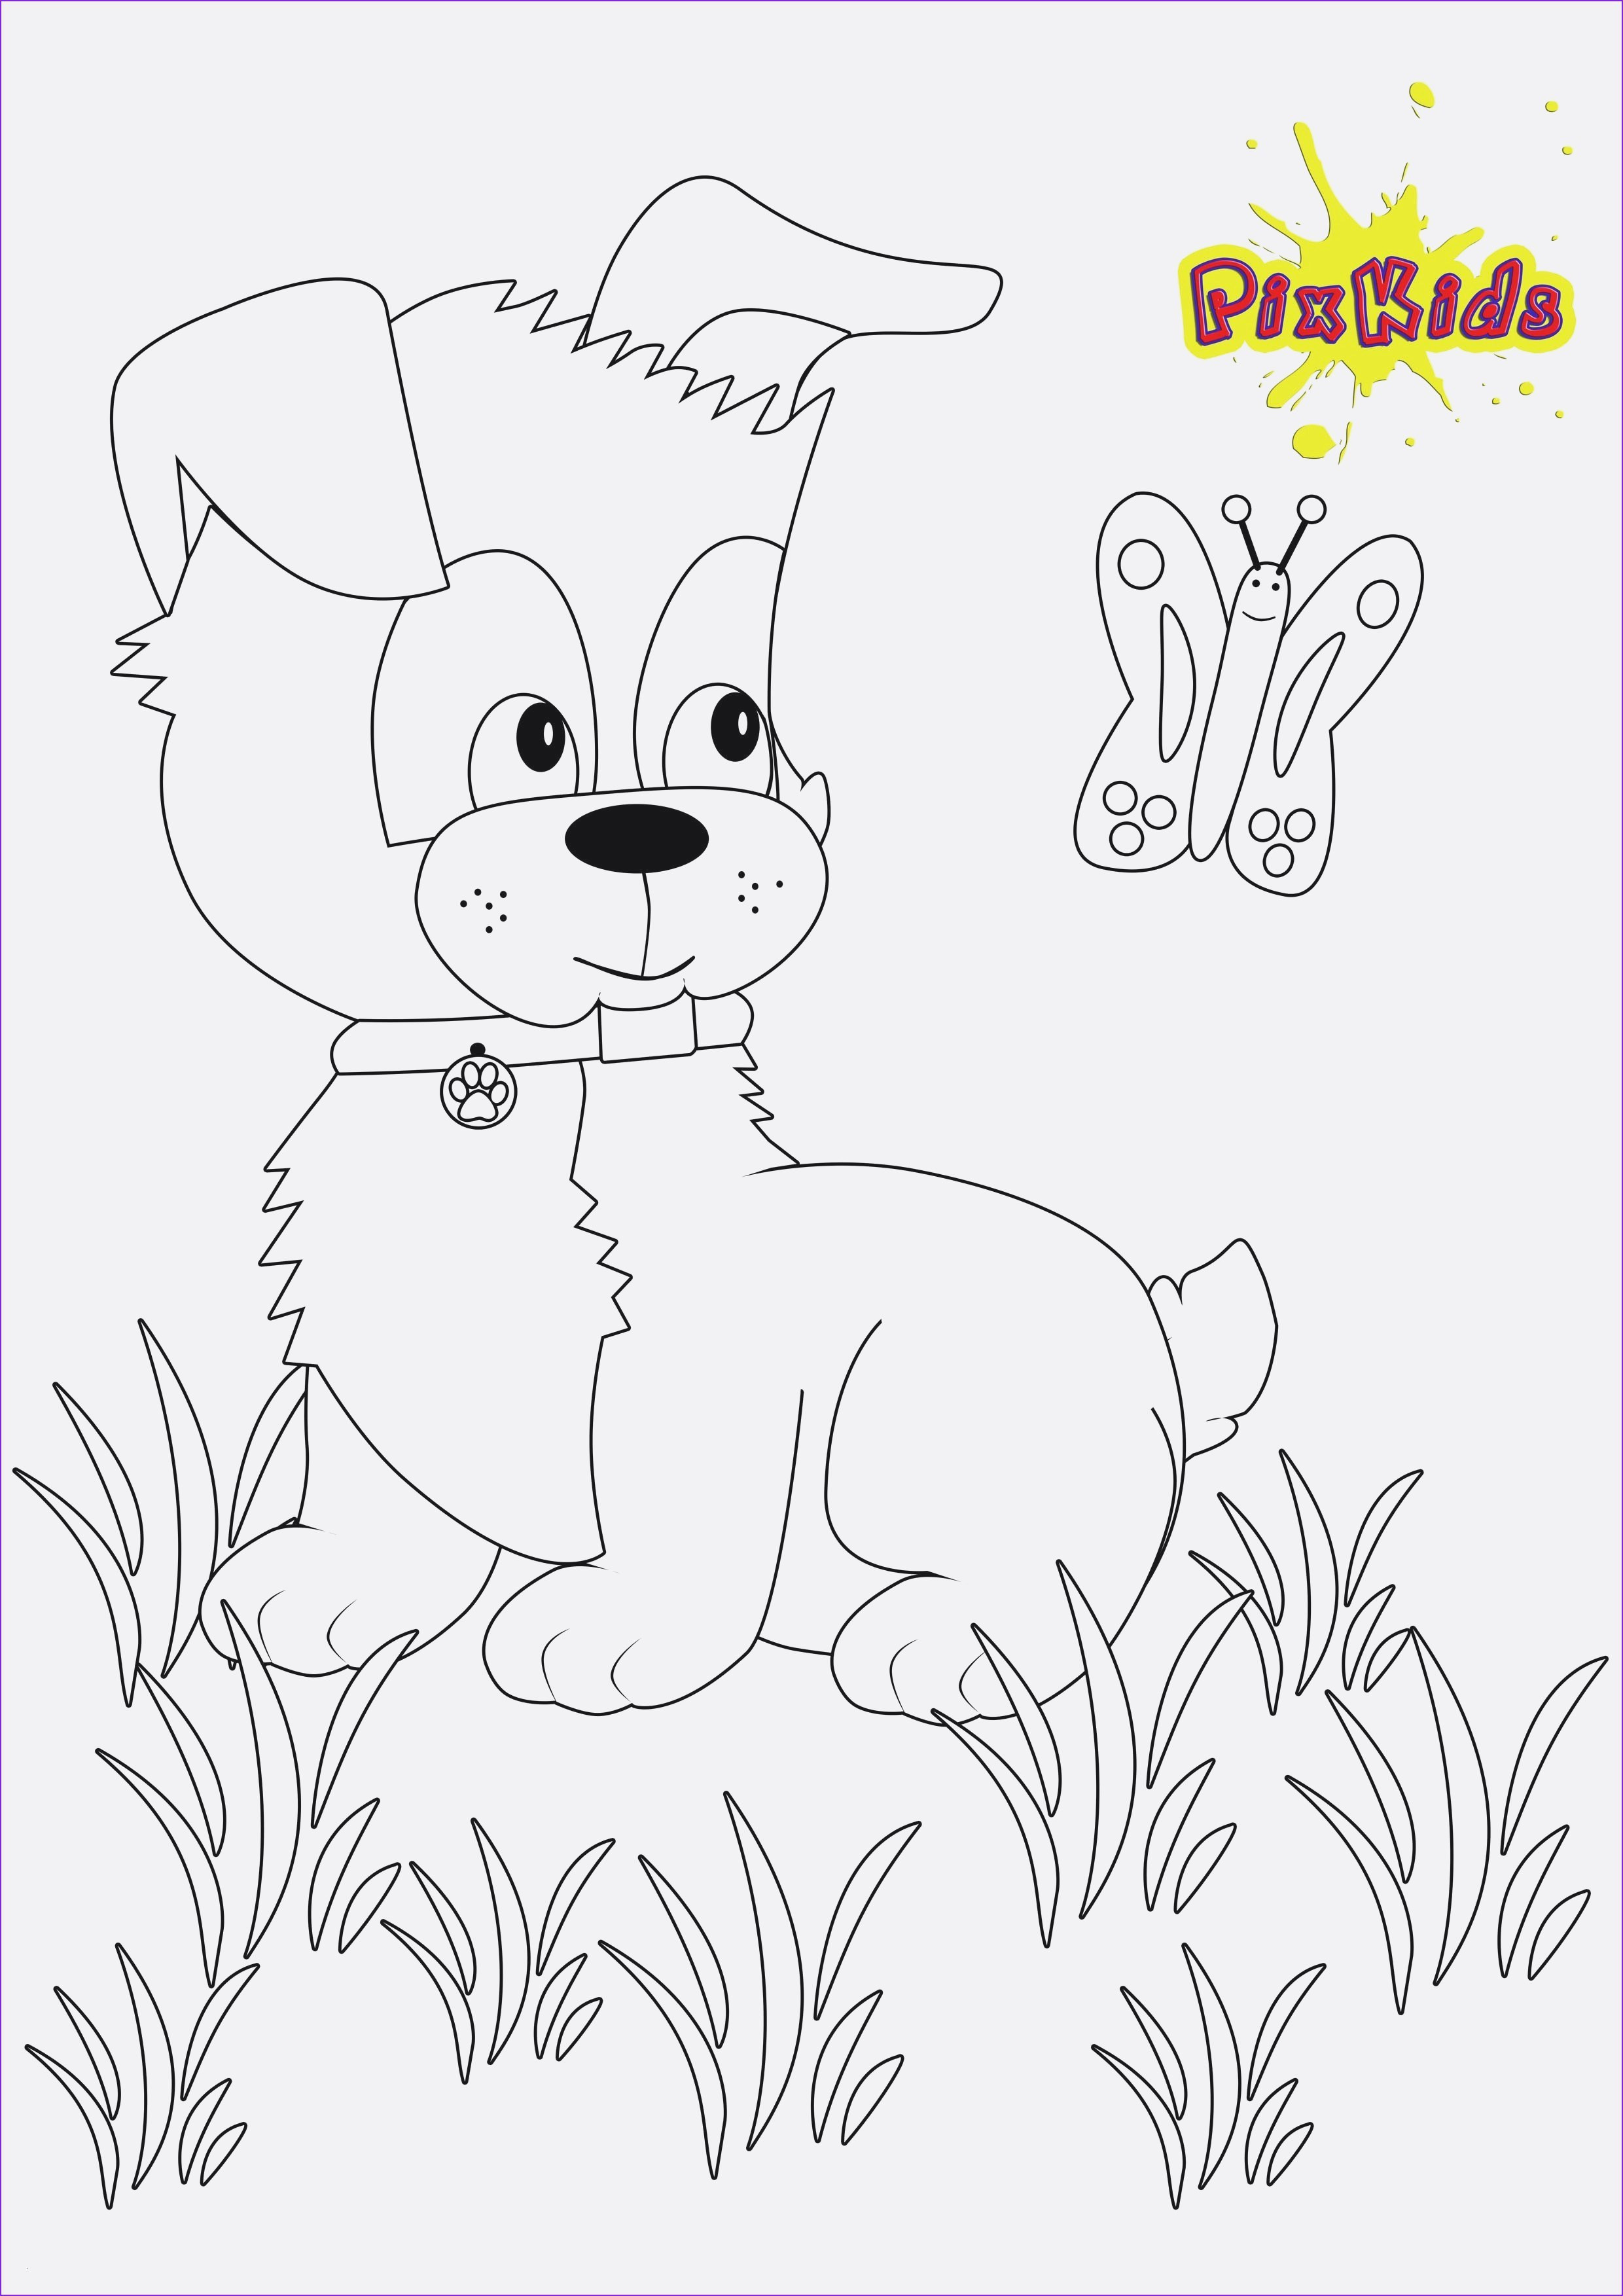 Bibi Und Tina 4 Ausmalbilder Das Beste Von Ausmalbilder Zum Ausdrucken Bibi Und Tina Schön Care Bears Coloring Stock